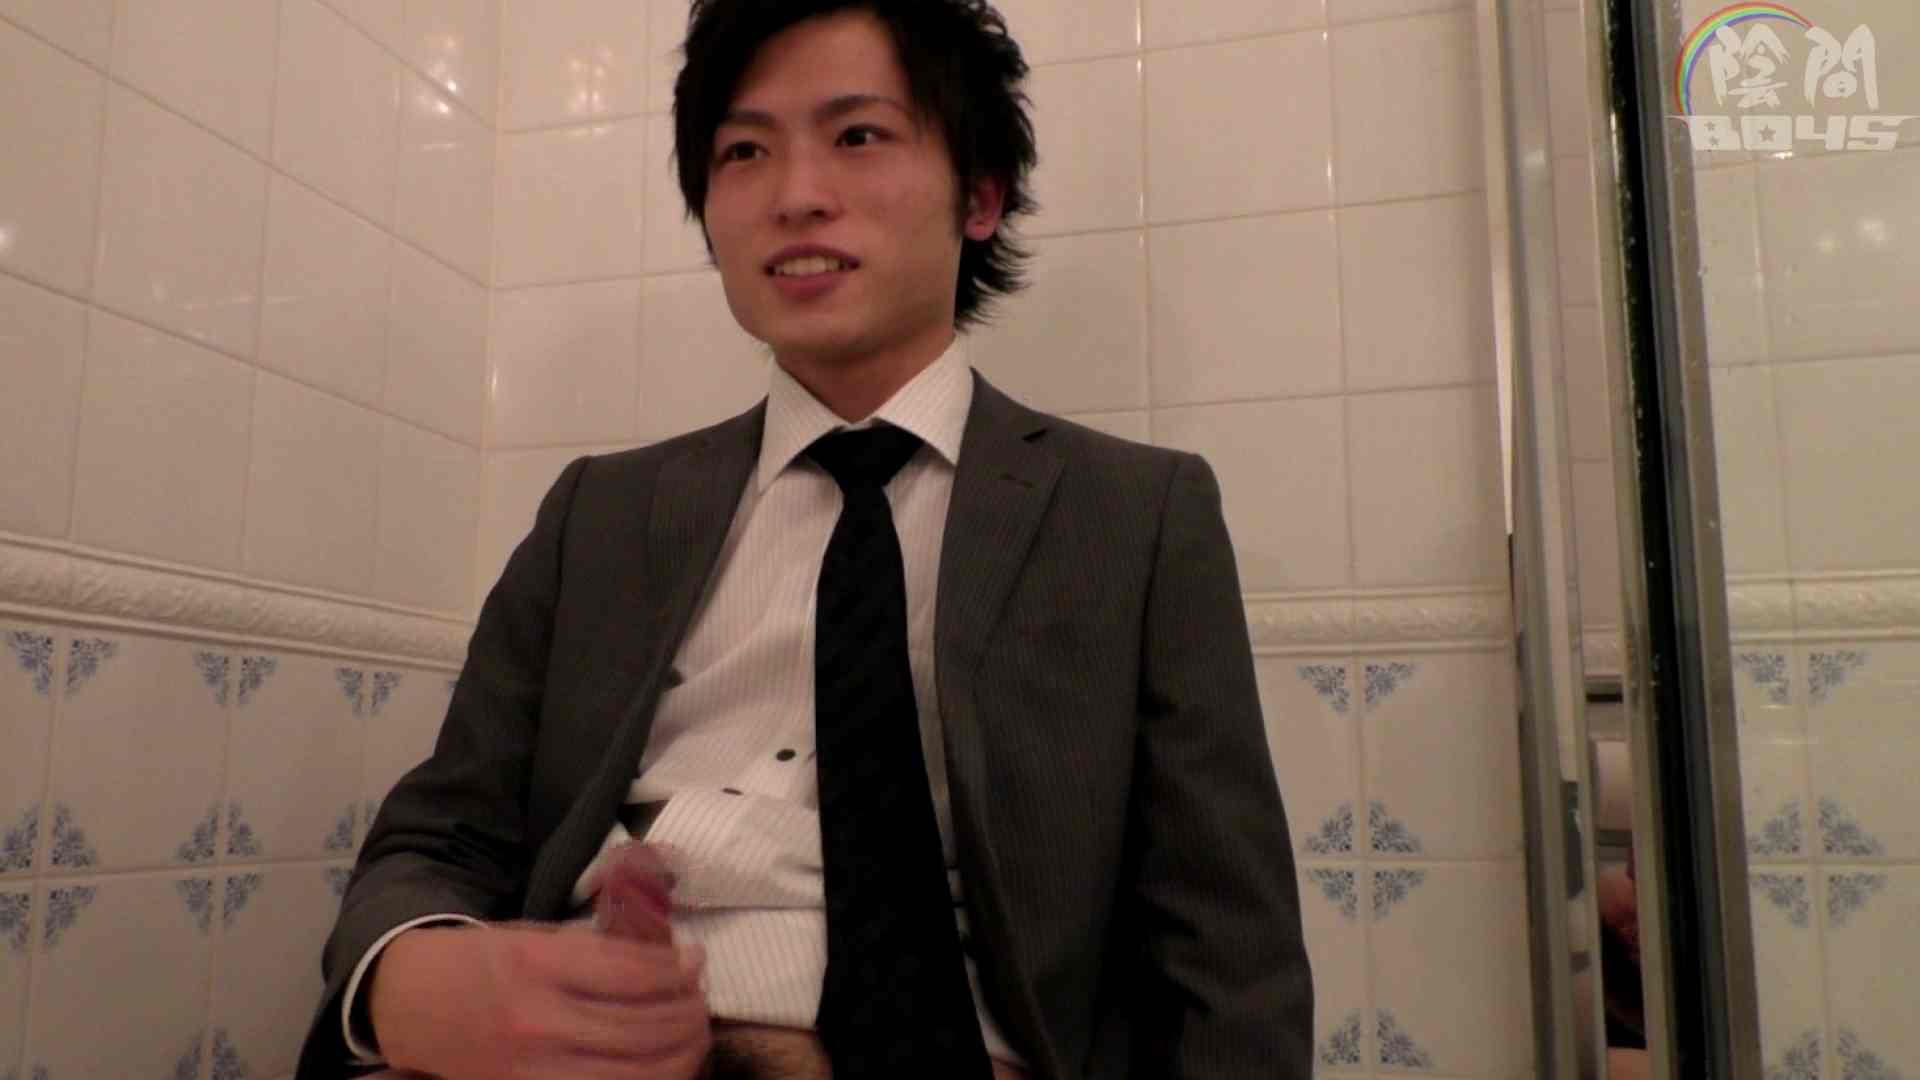 陰間BOYS~AV男優面接2、俺のアナルが…~01 イメージ(av) ゲイアダルトビデオ画像 106pic 106